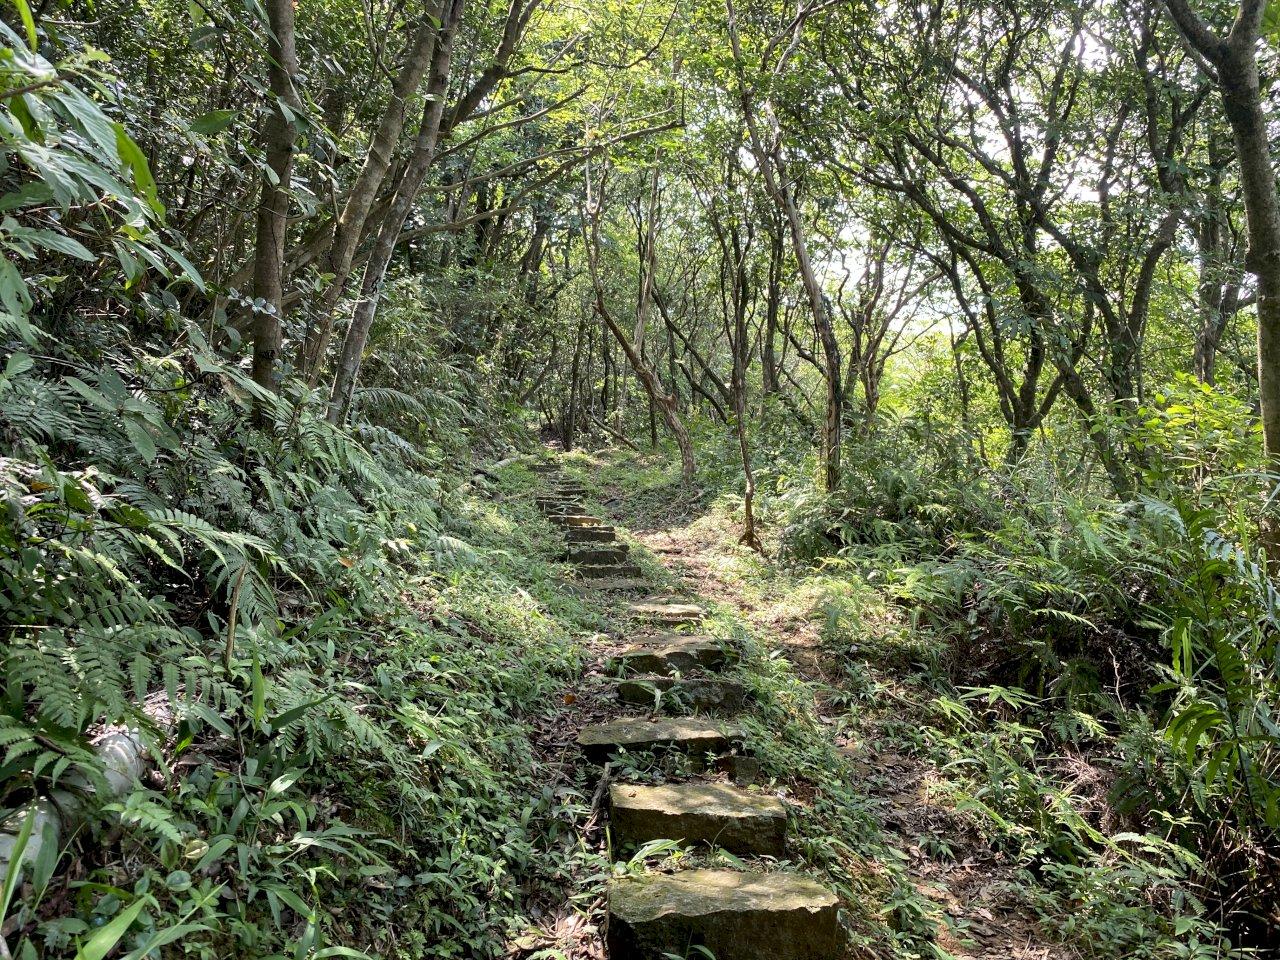 7條國家綠道 蘇貞昌推薦國人探詢走訪 親近台灣文化自然資產